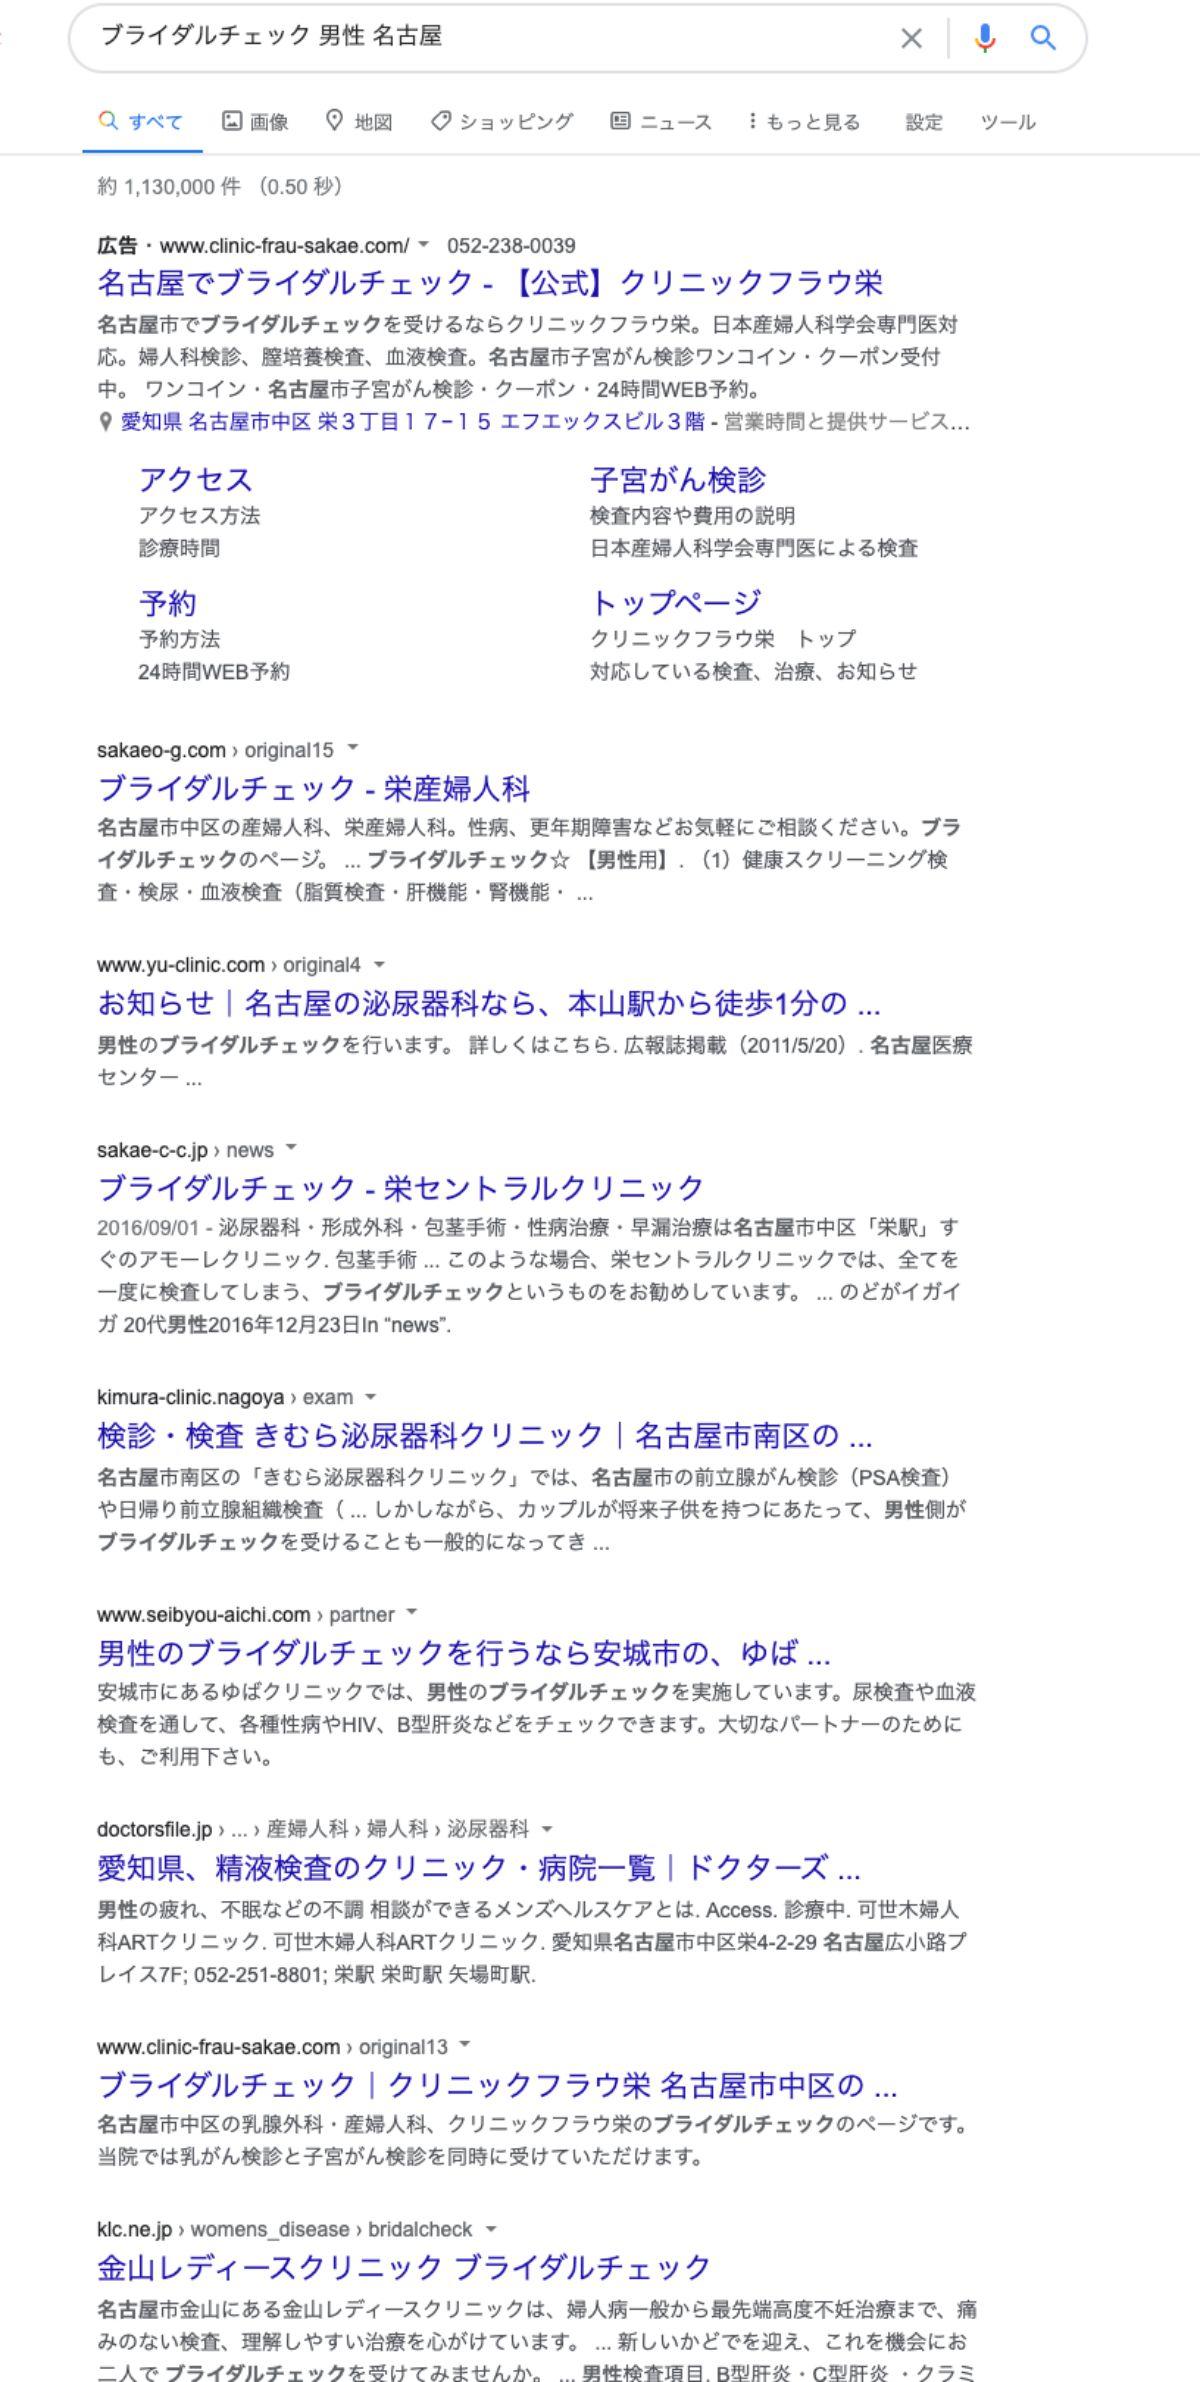 「ブライダルチェック 男性 名古屋」検索結果